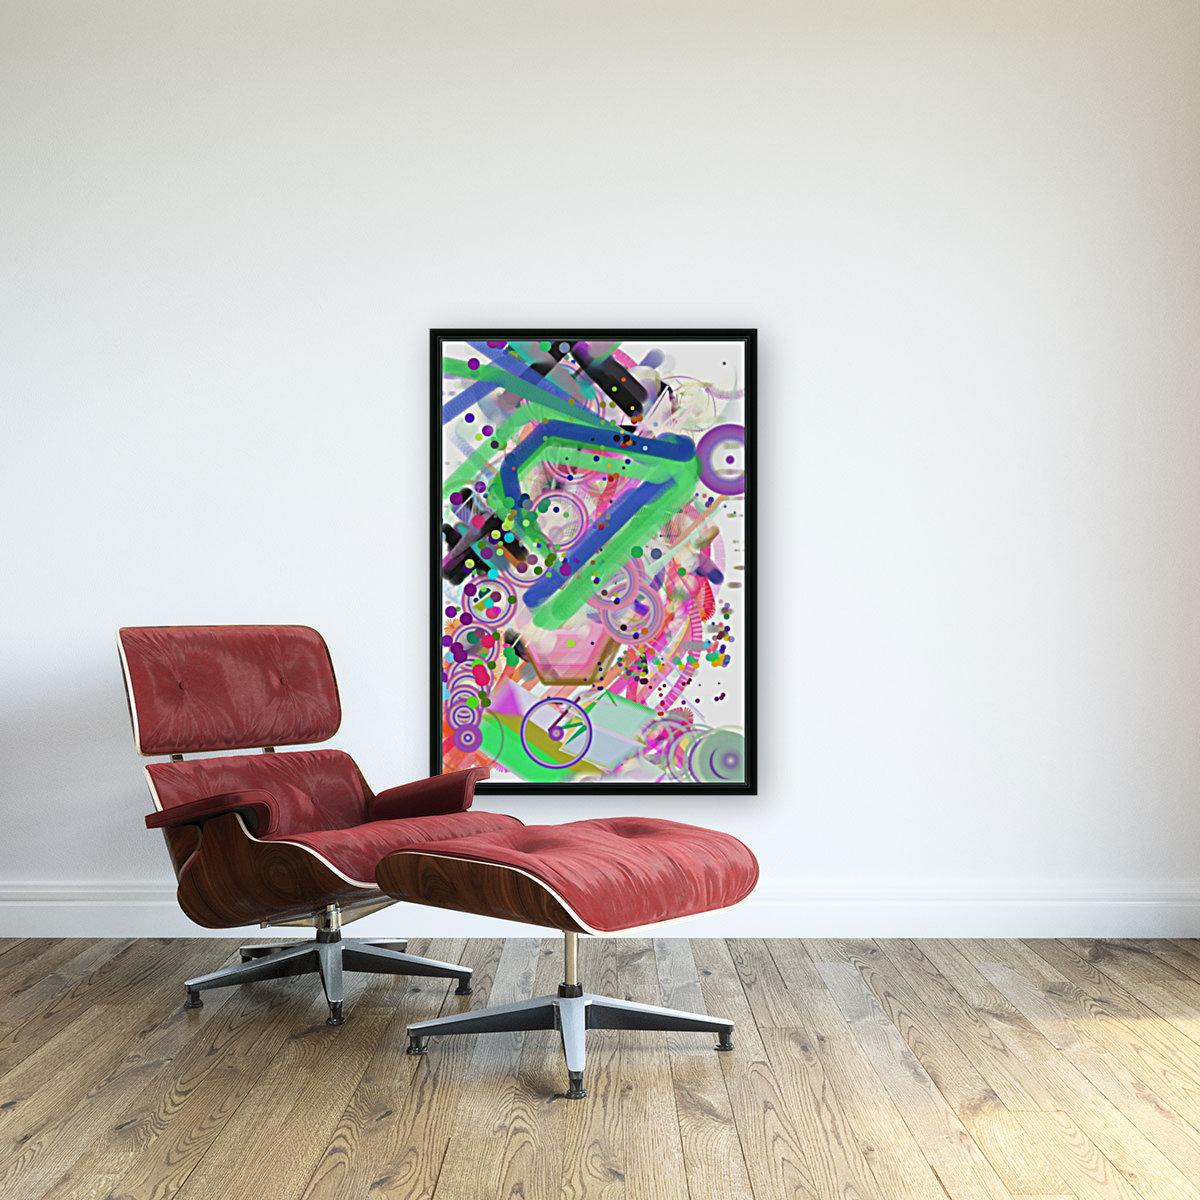 New Popular Beautiful Patterns Cool Design Best Abstract Art_1557269361.88  Art